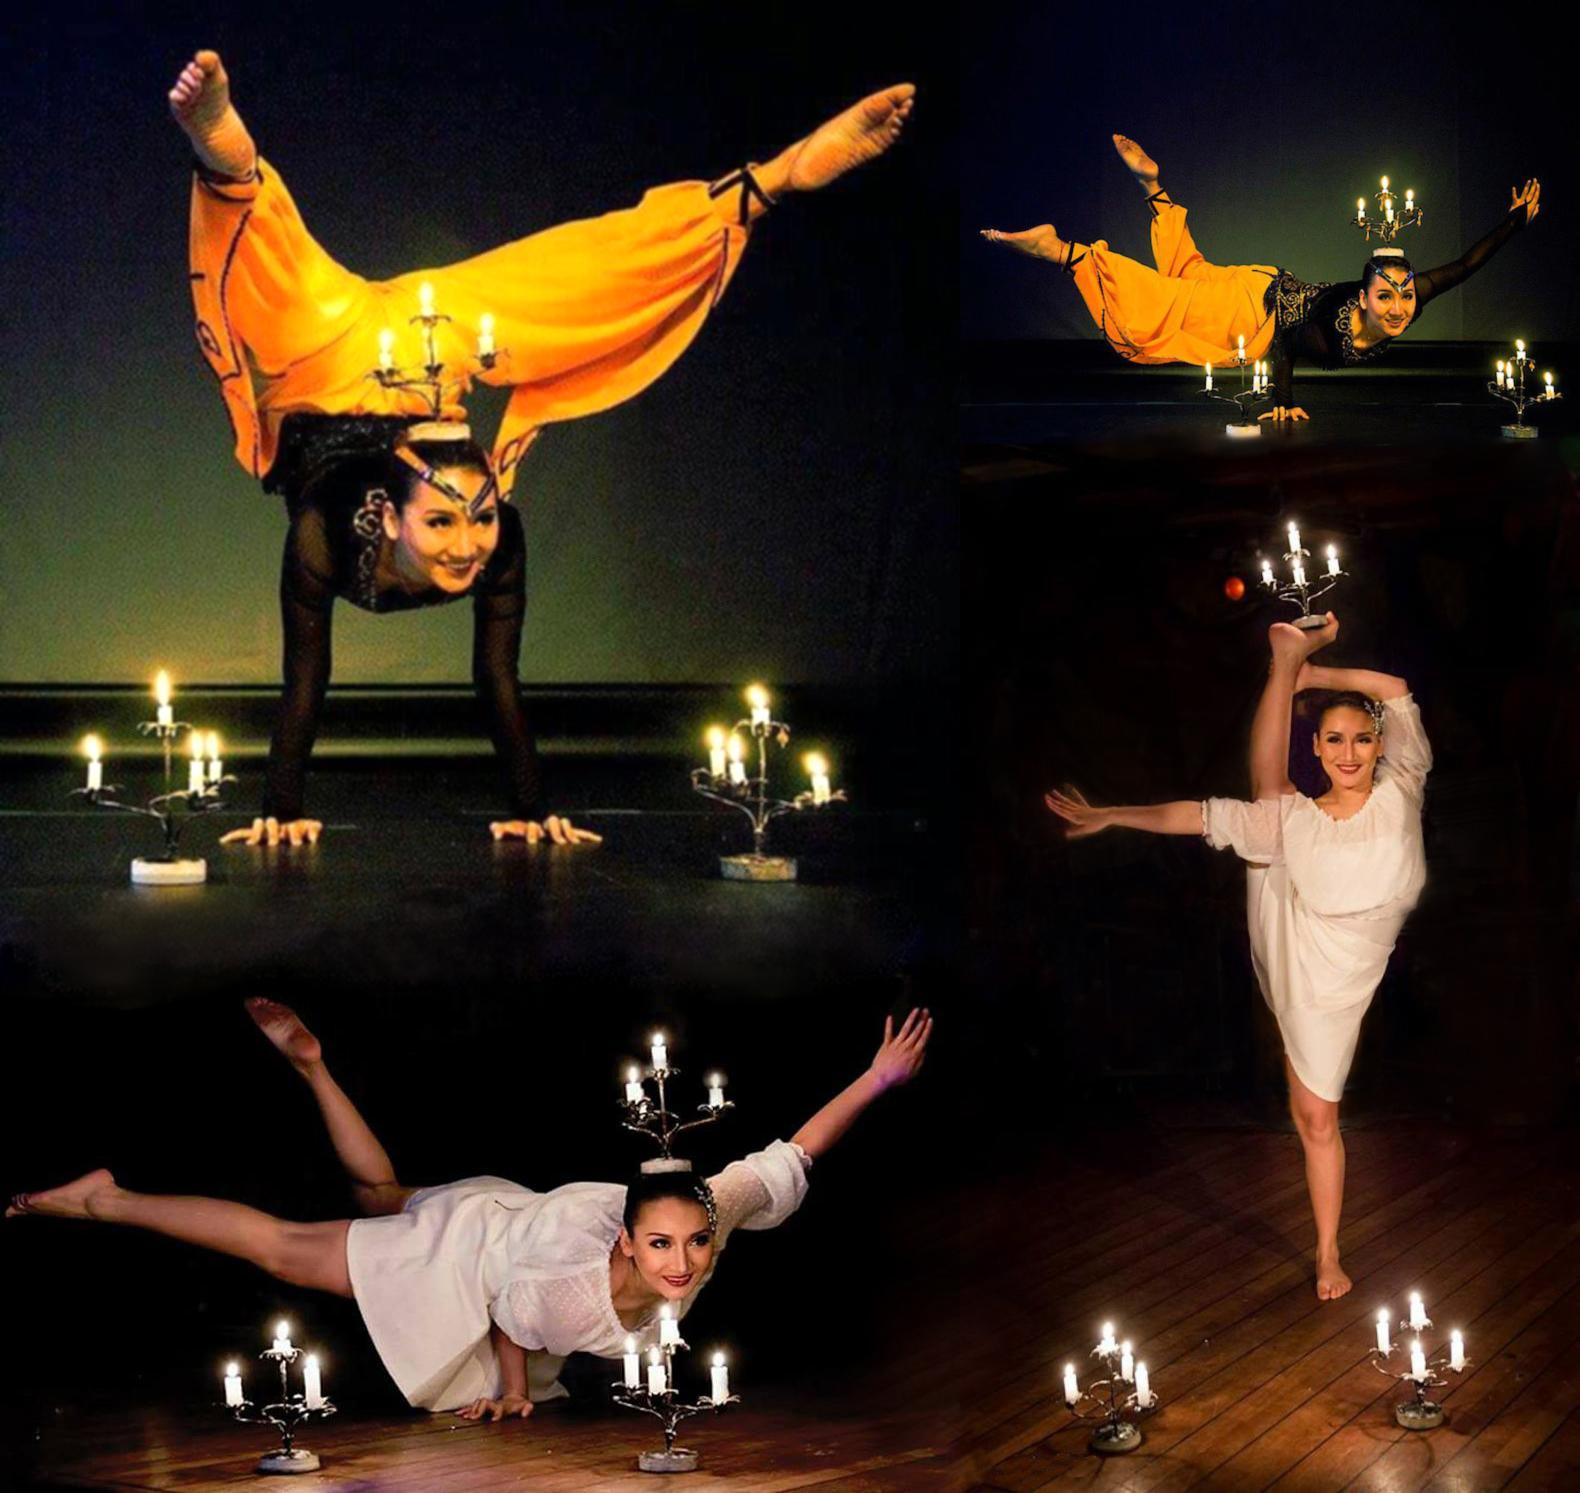 Balansekunstneren Gulli